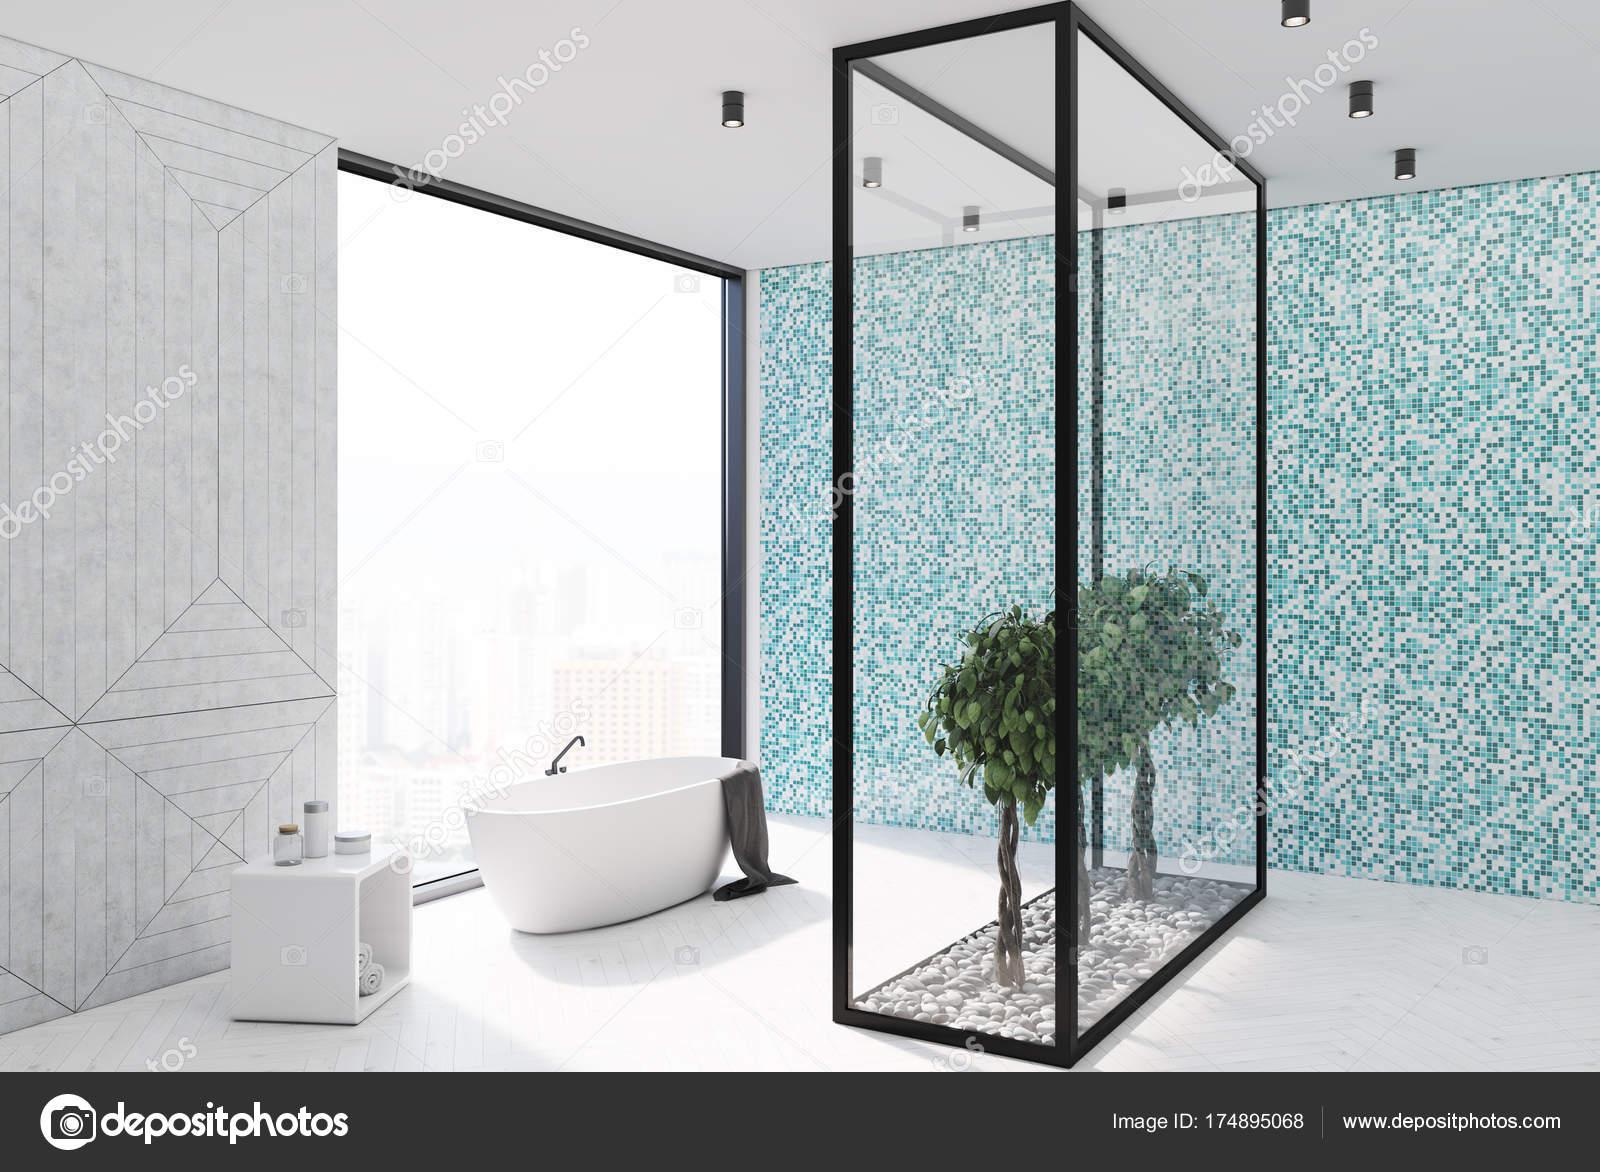 Coin salle de bain carrelage bleue — Photographie denisismagilov ...